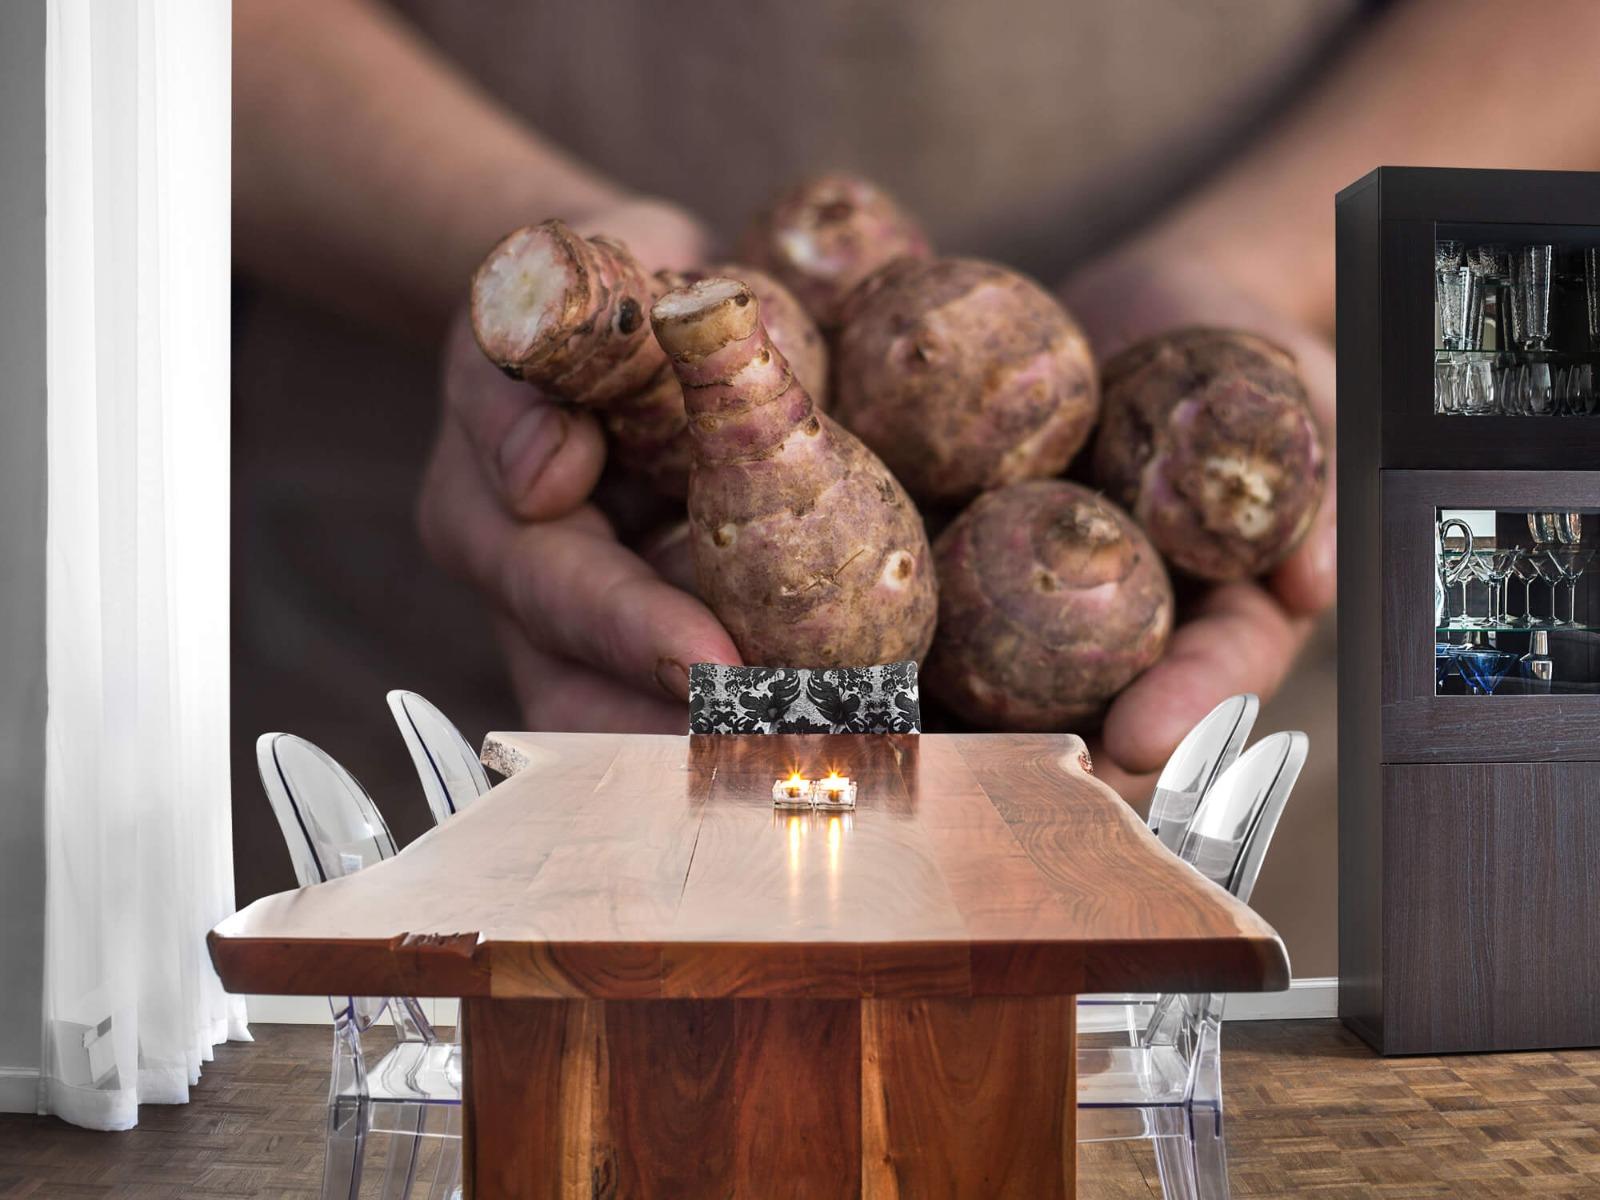 Overige - Aardproducten - Keuken 3